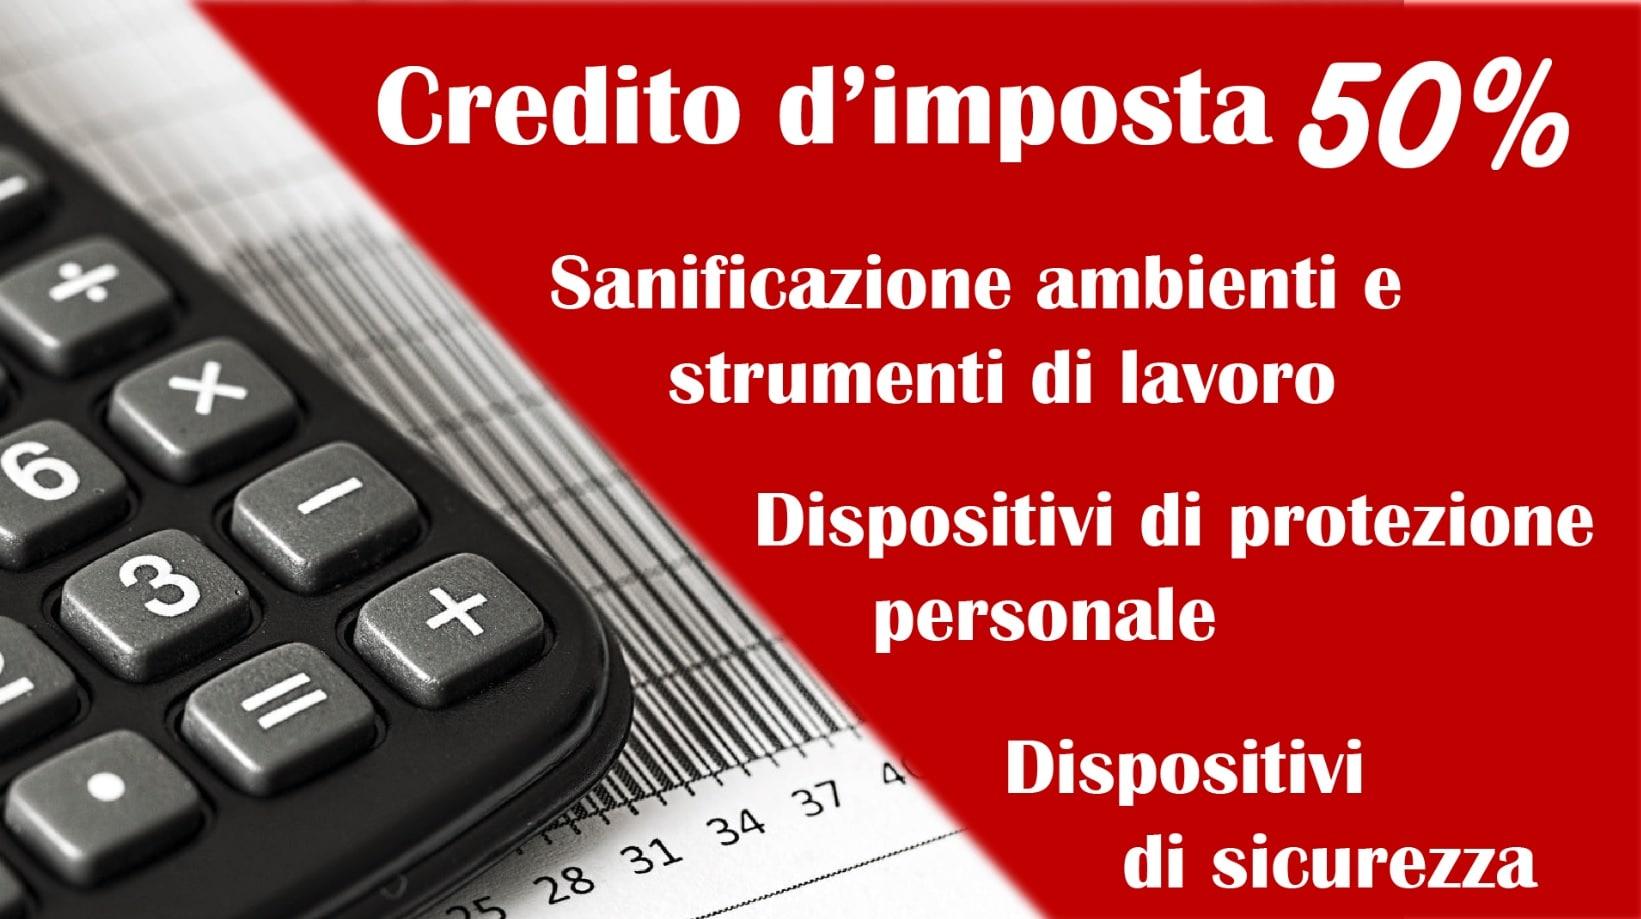 Fase 2: credito d'imposta per la sanificazione dei luoghi di lavoro e per l'acquisto di dispositivi di sicurezza